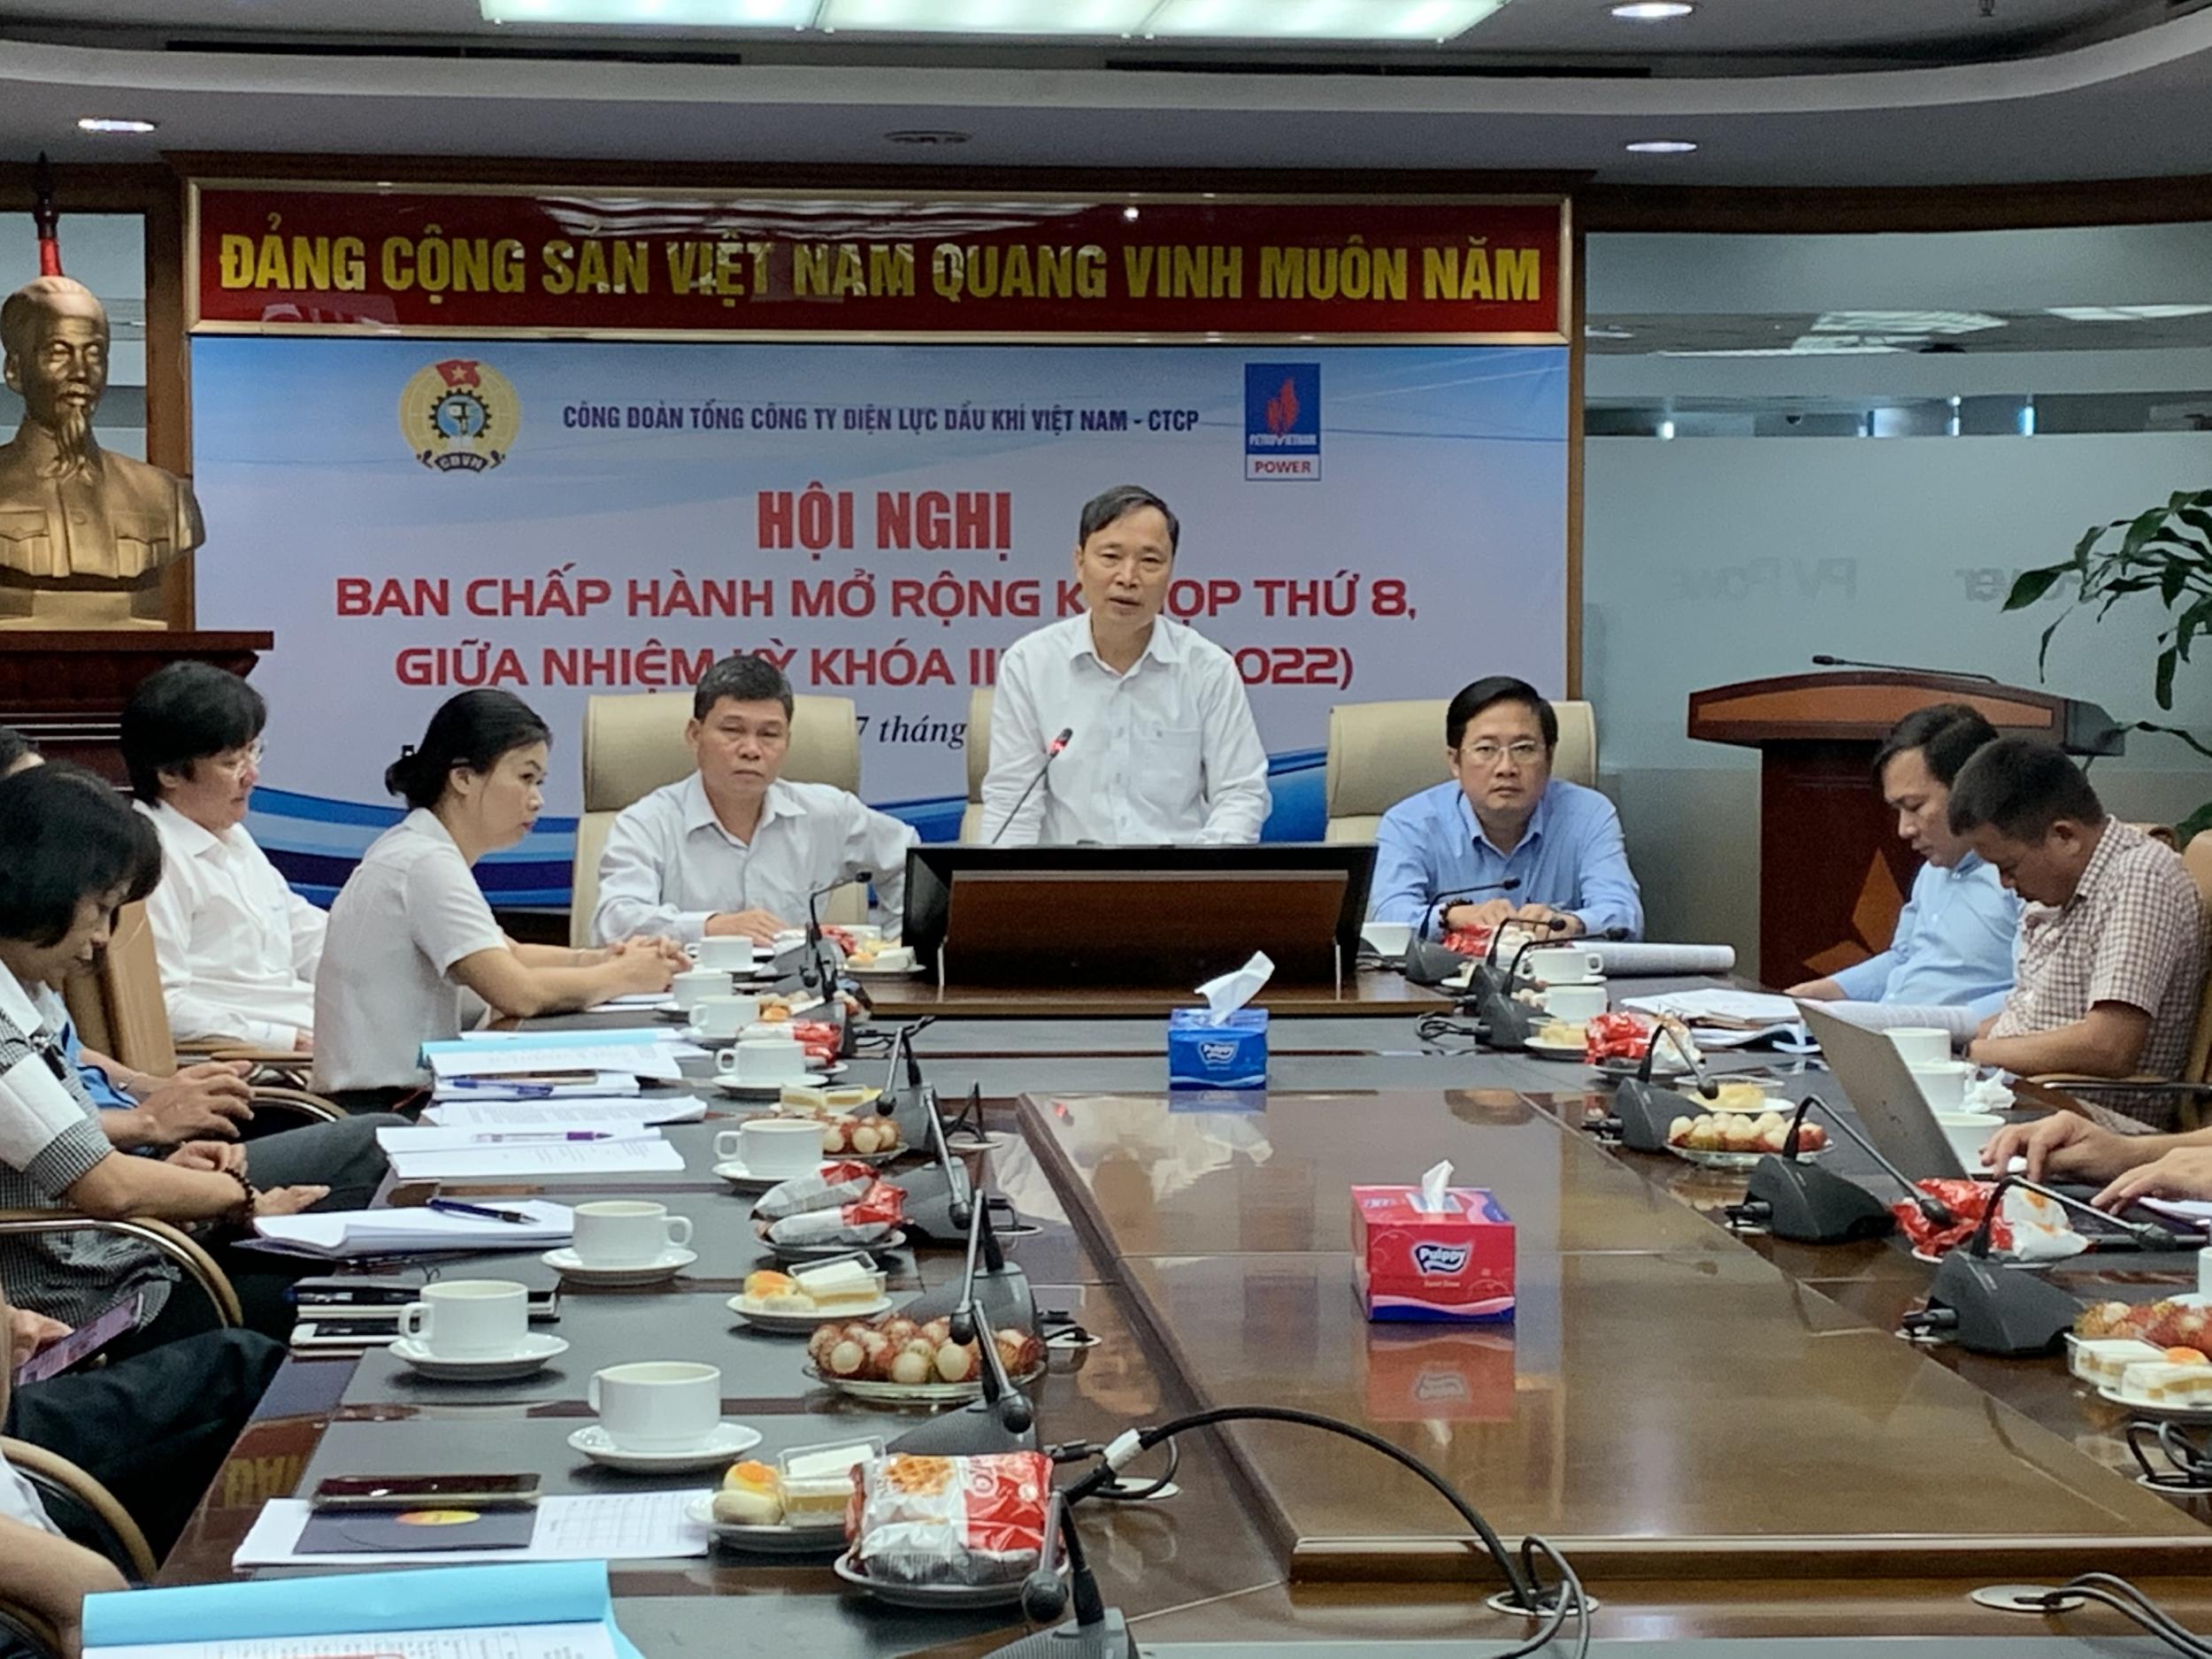 cong-doan-pv-power-voi-nua-dau-nhiem-ky-khoa-iii-2017-2022-hoat-dong-thiet-thuc-hieu-qua